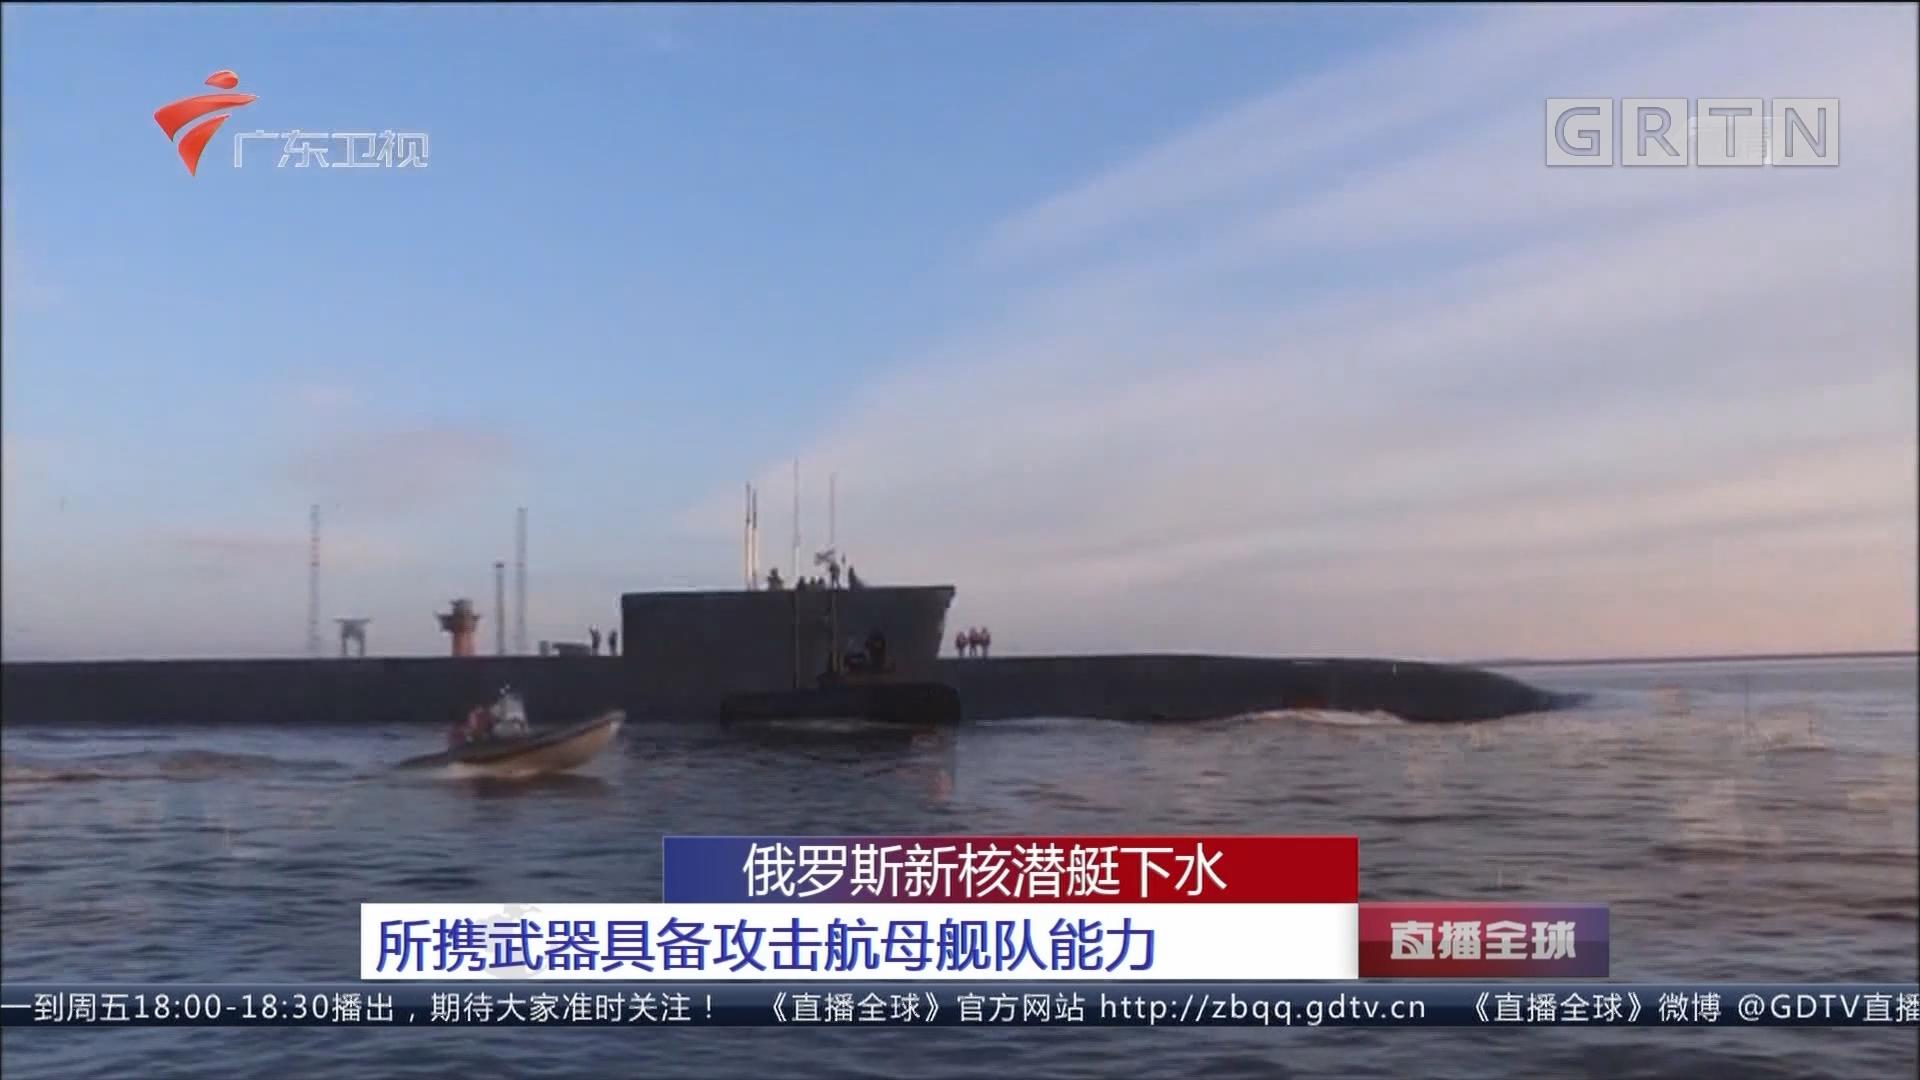 俄罗斯新核潜艇下水 所携武器具备攻击航母舰队能力